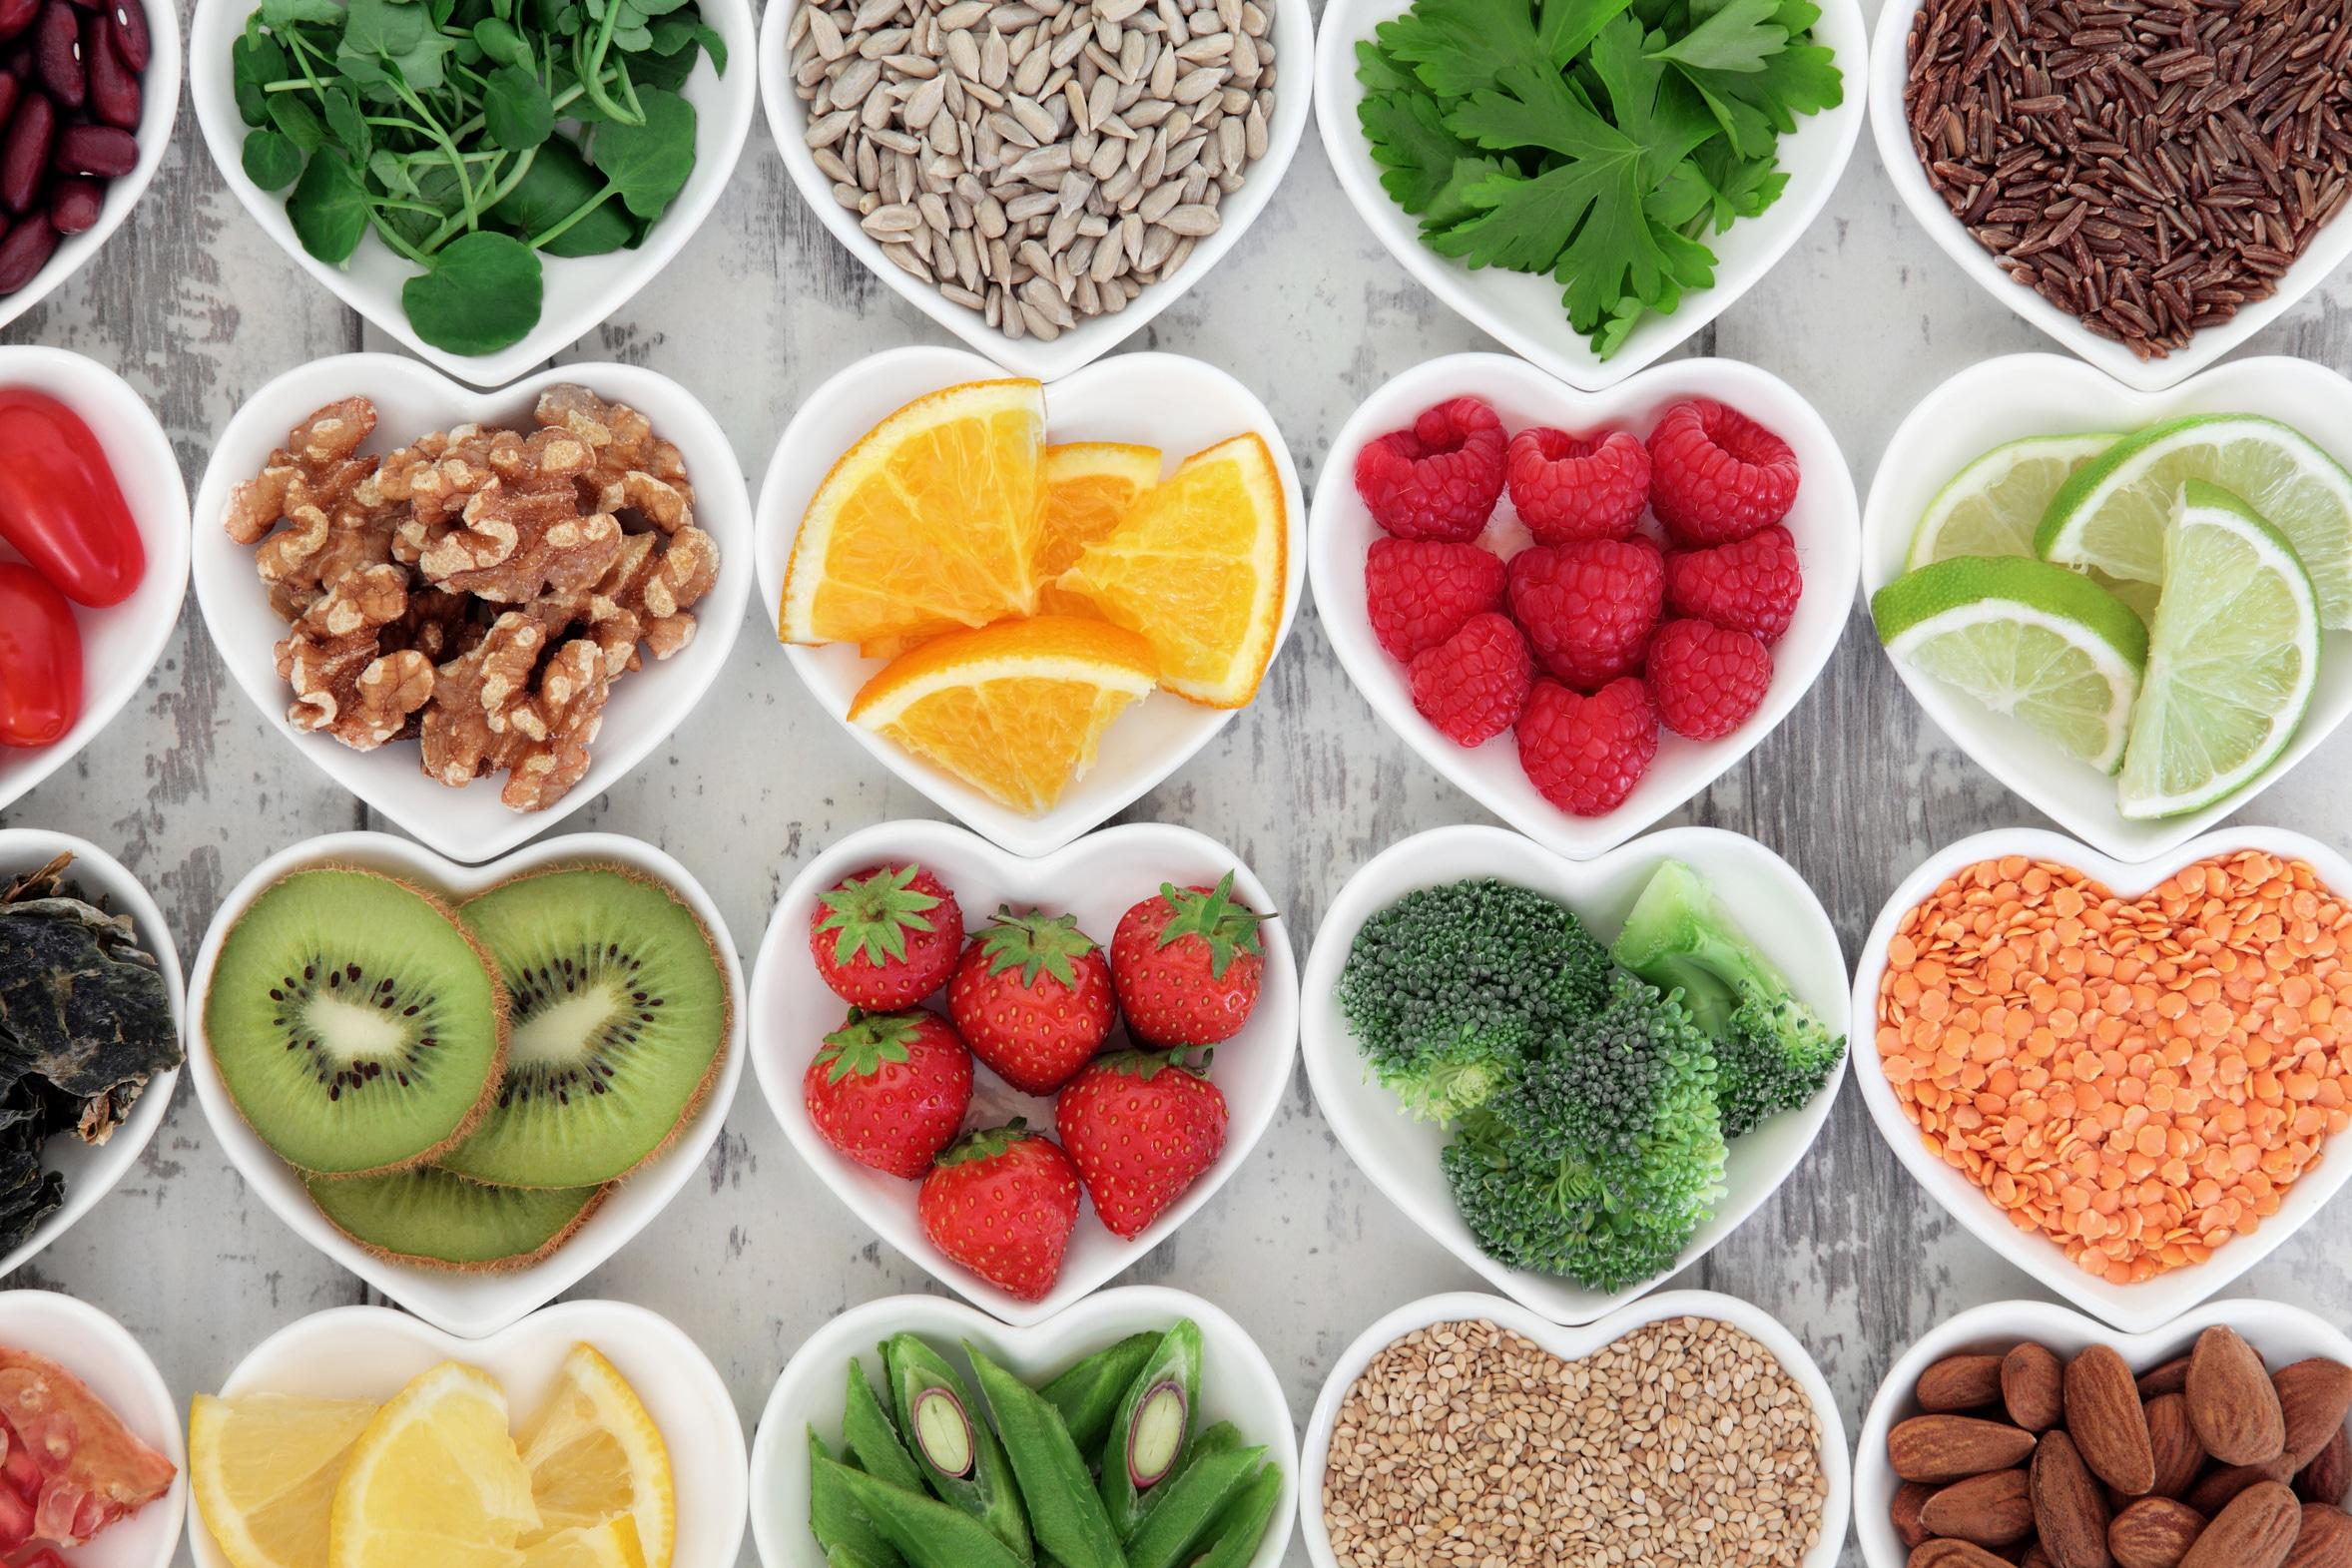 escribo tres comidas que consumo linear unit cobijo pregnancy una comida saludable